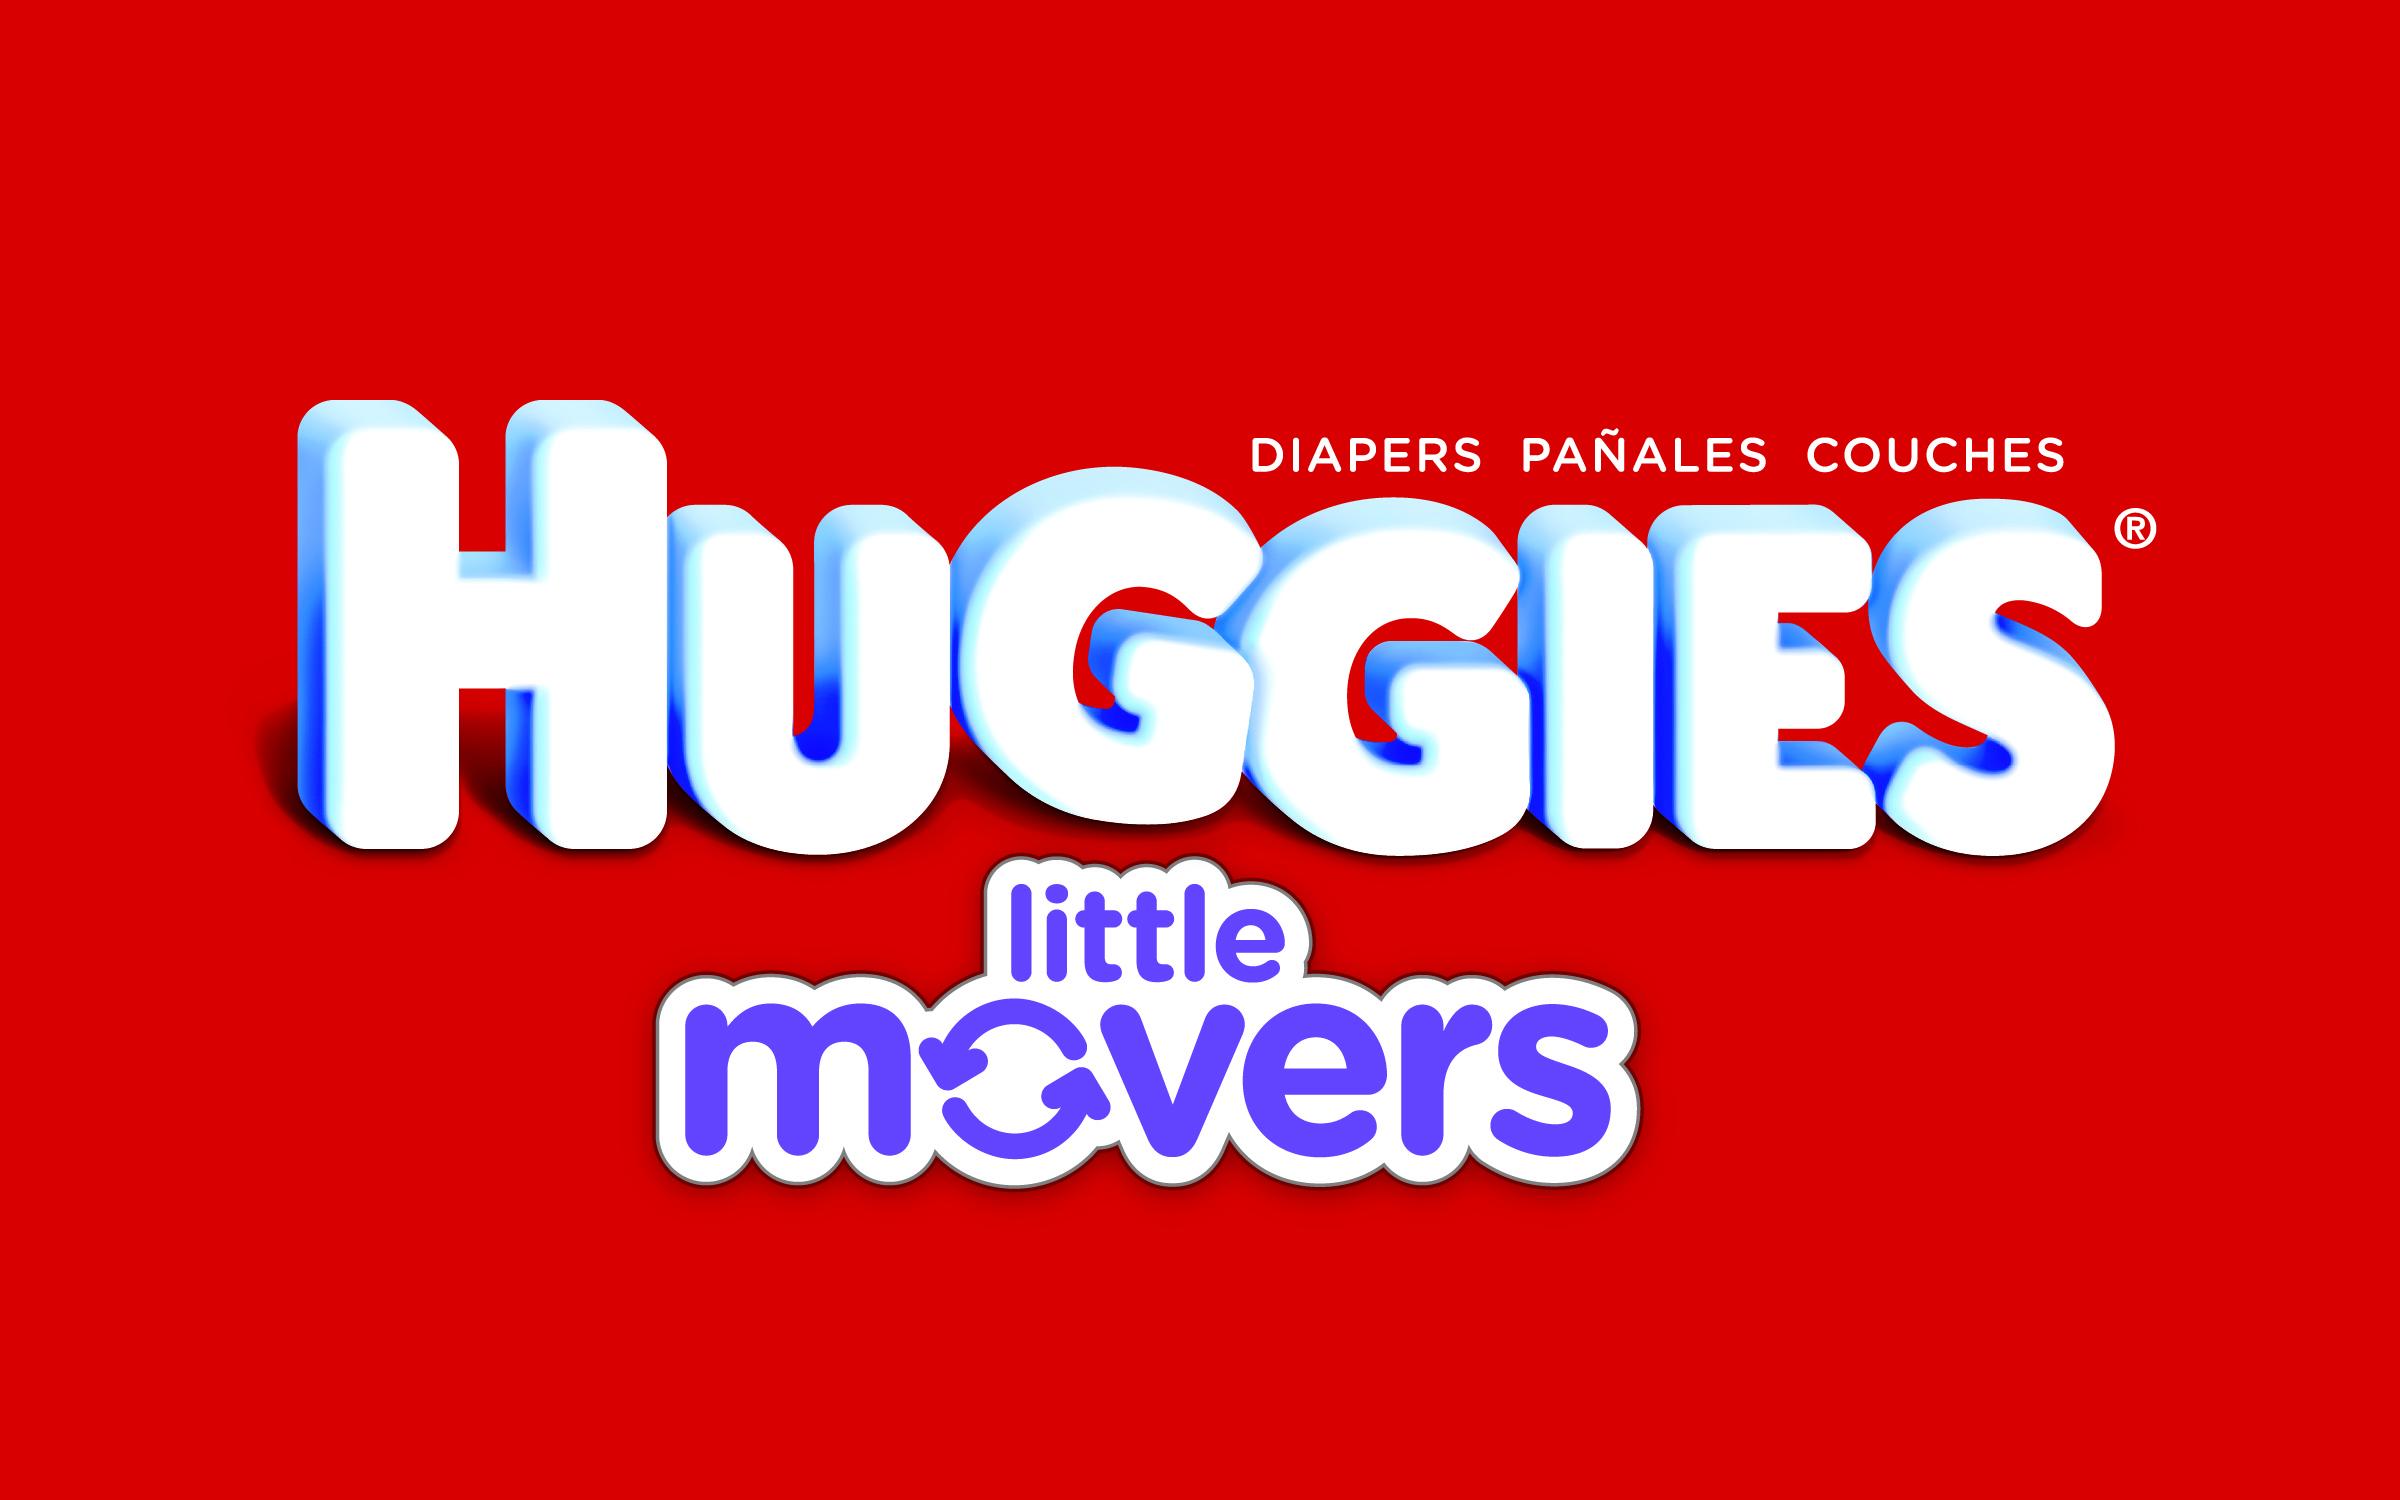 Huggies_LittleMovers_Logo